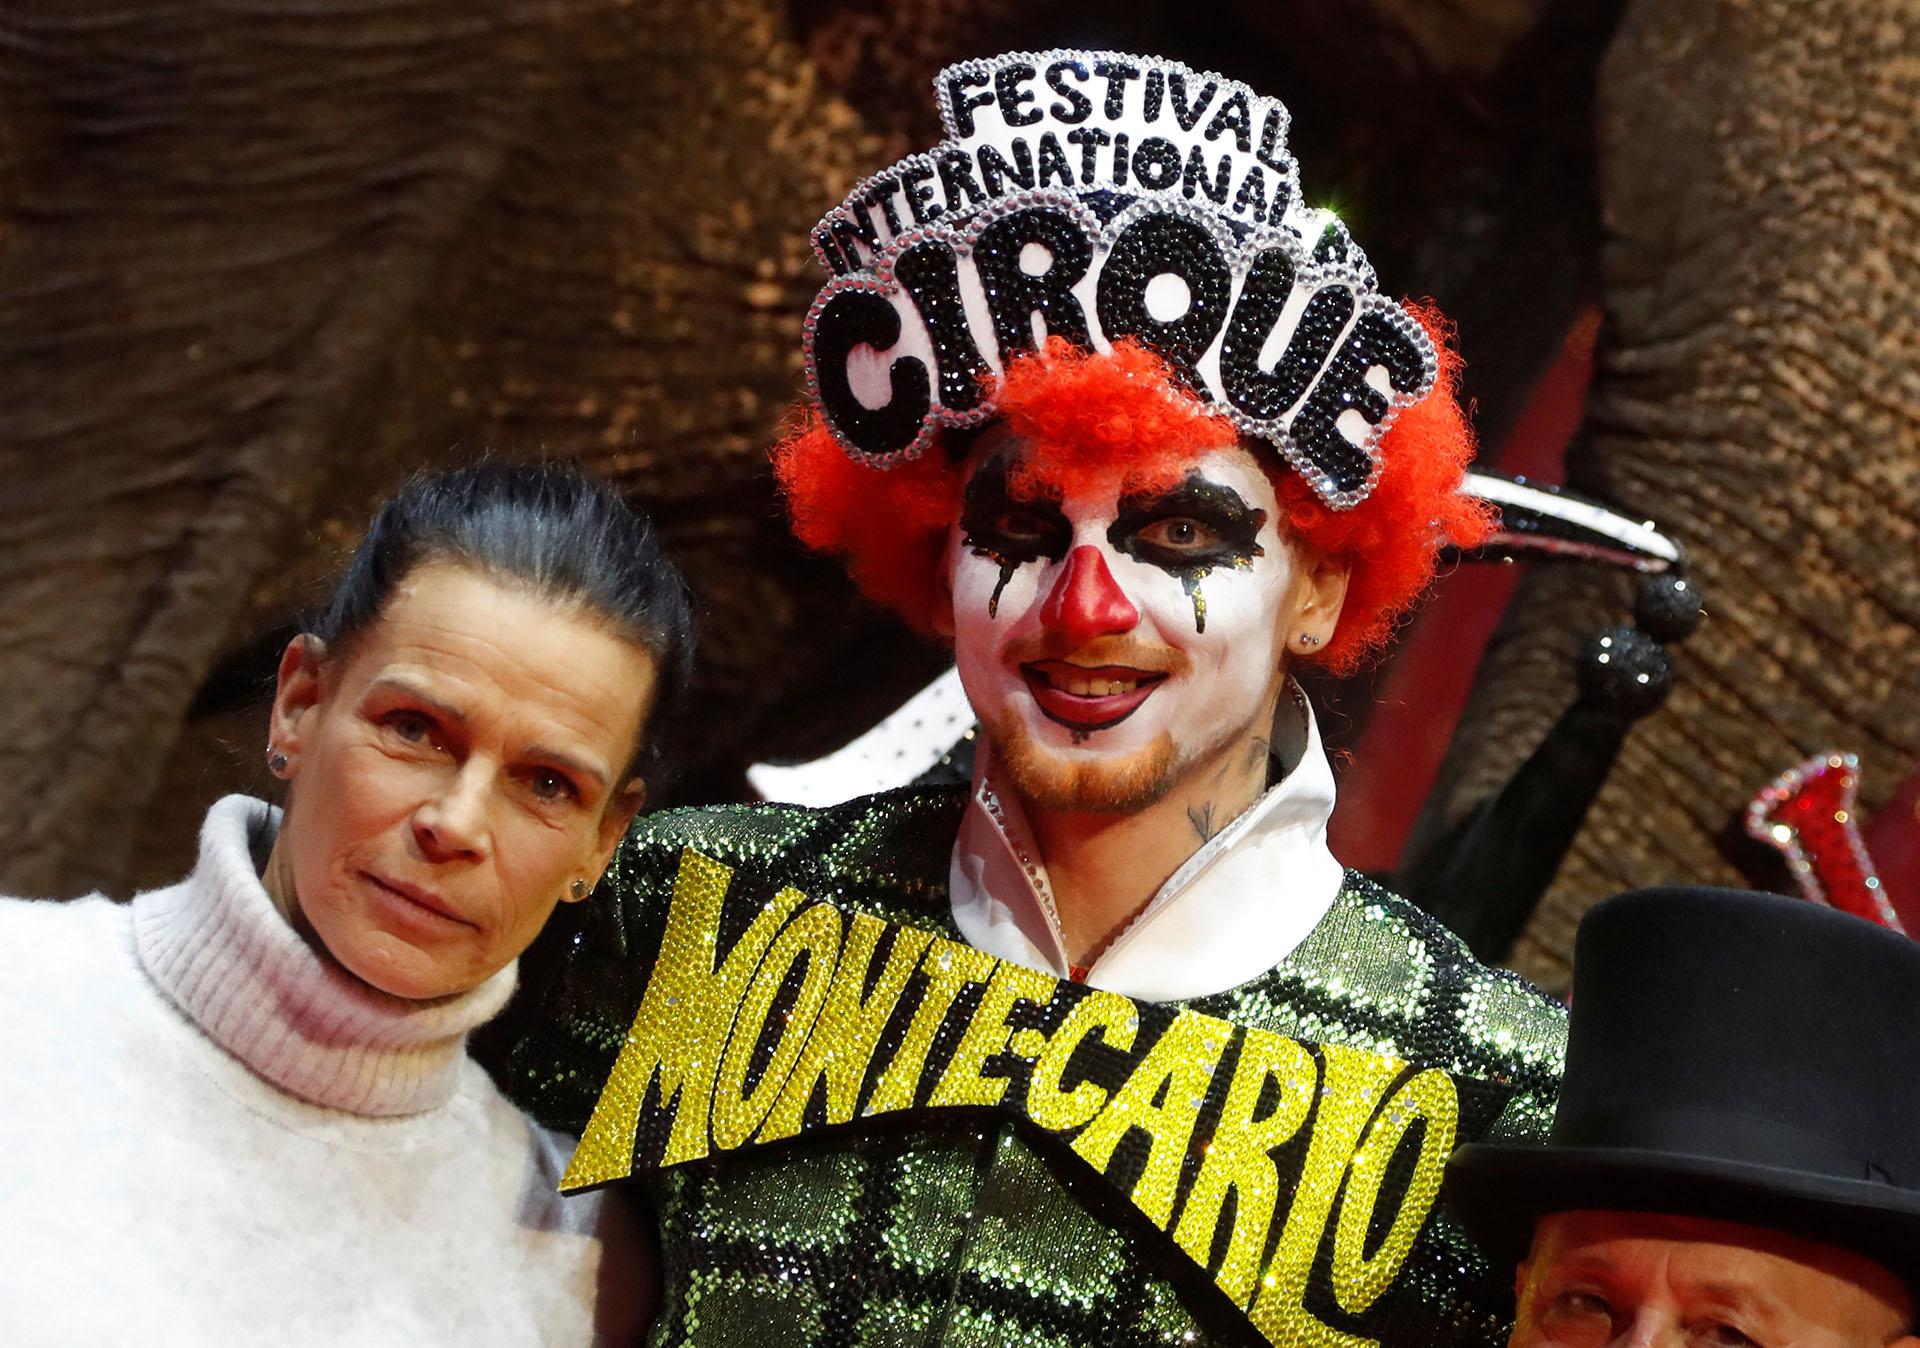 Desde hace varios años, Estefanía preside el Festival Internacional de Circo de Monte Carlo